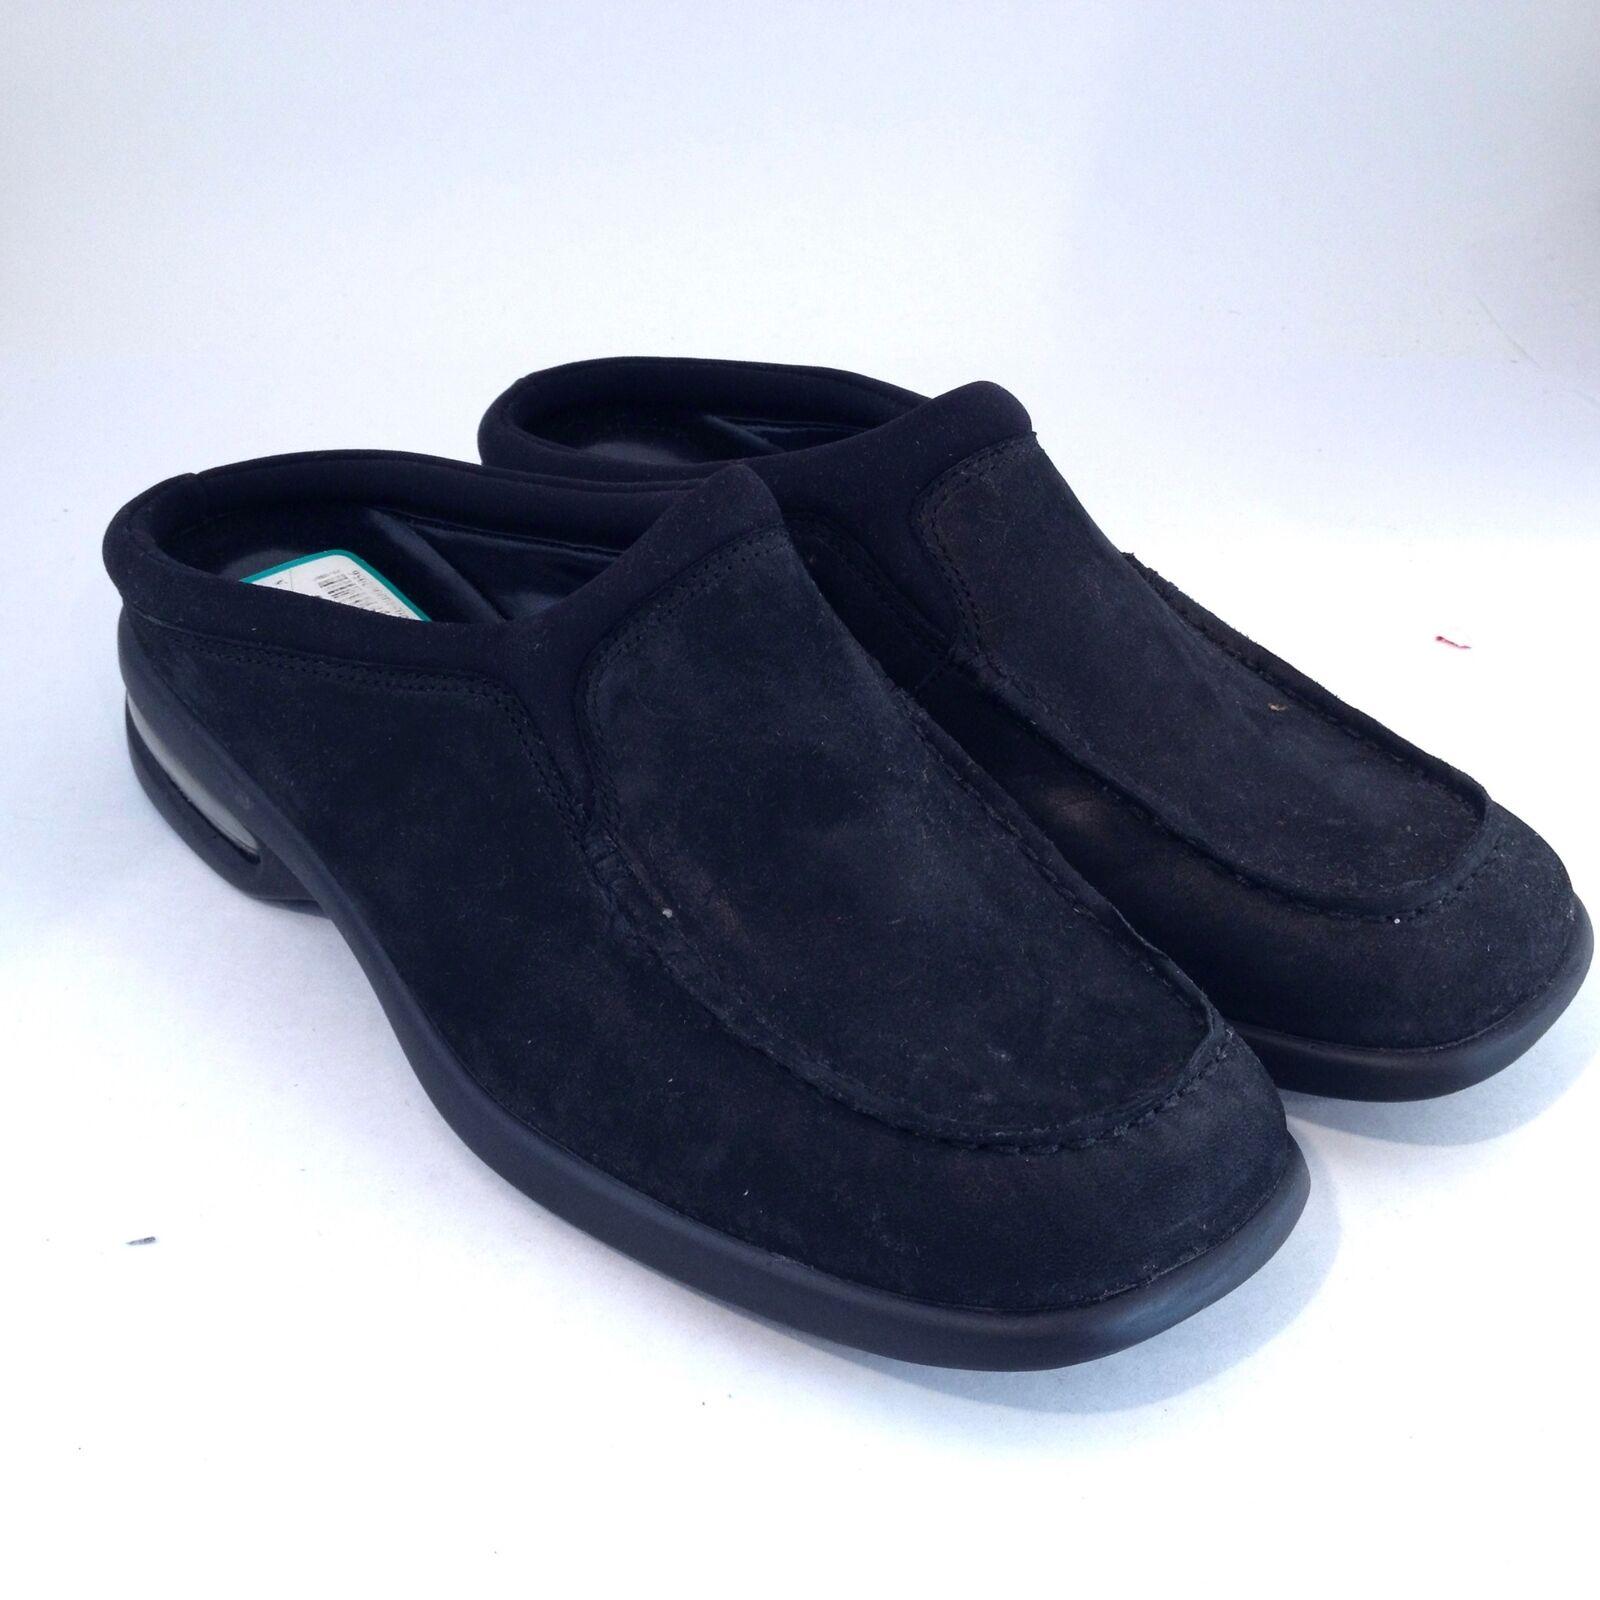 Vaneli Van Dottie Outdoor Clog Womens Shoes sz 6M Black Mules Shoes S04WH